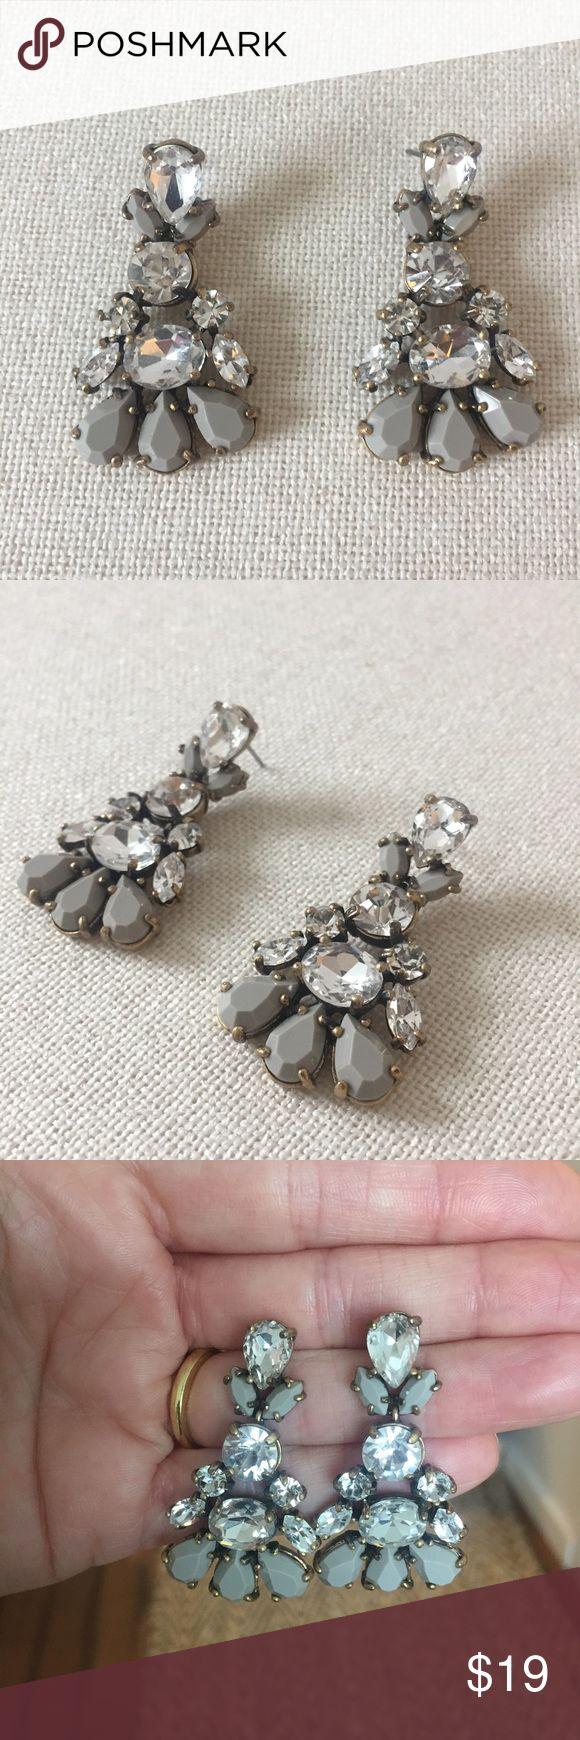 JCrew Grey Chandelier Earrings JCrew Grey Chandelier Earrings J. Crew Jewelry Earrings